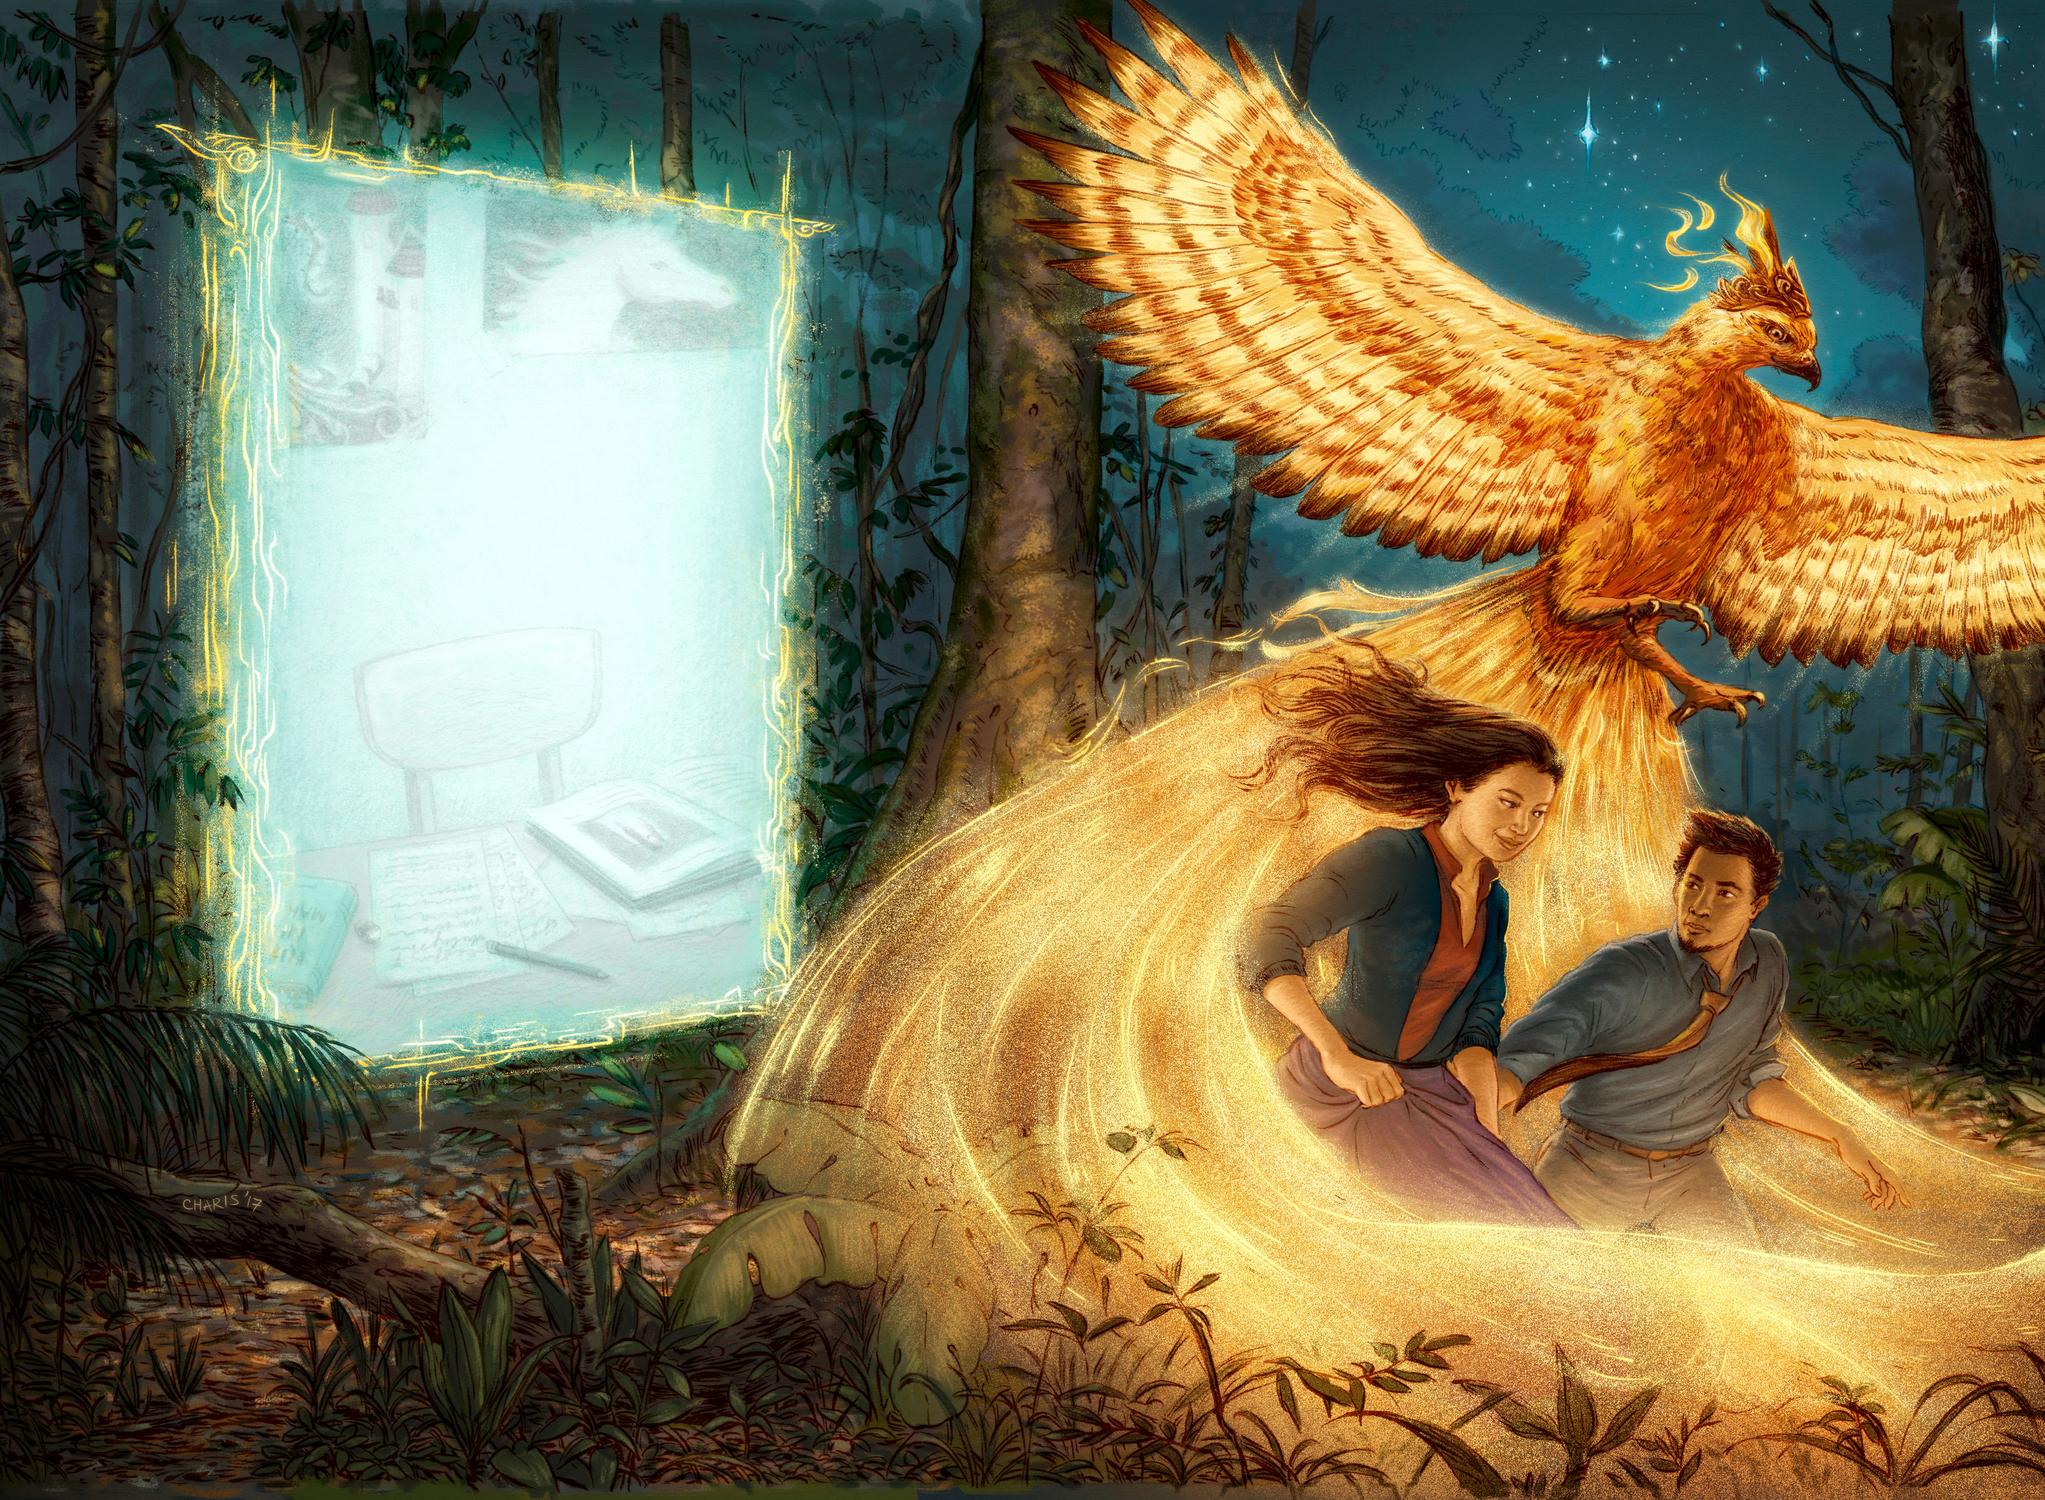 Dongeng (Fairytale) Artwork by Charis Loke